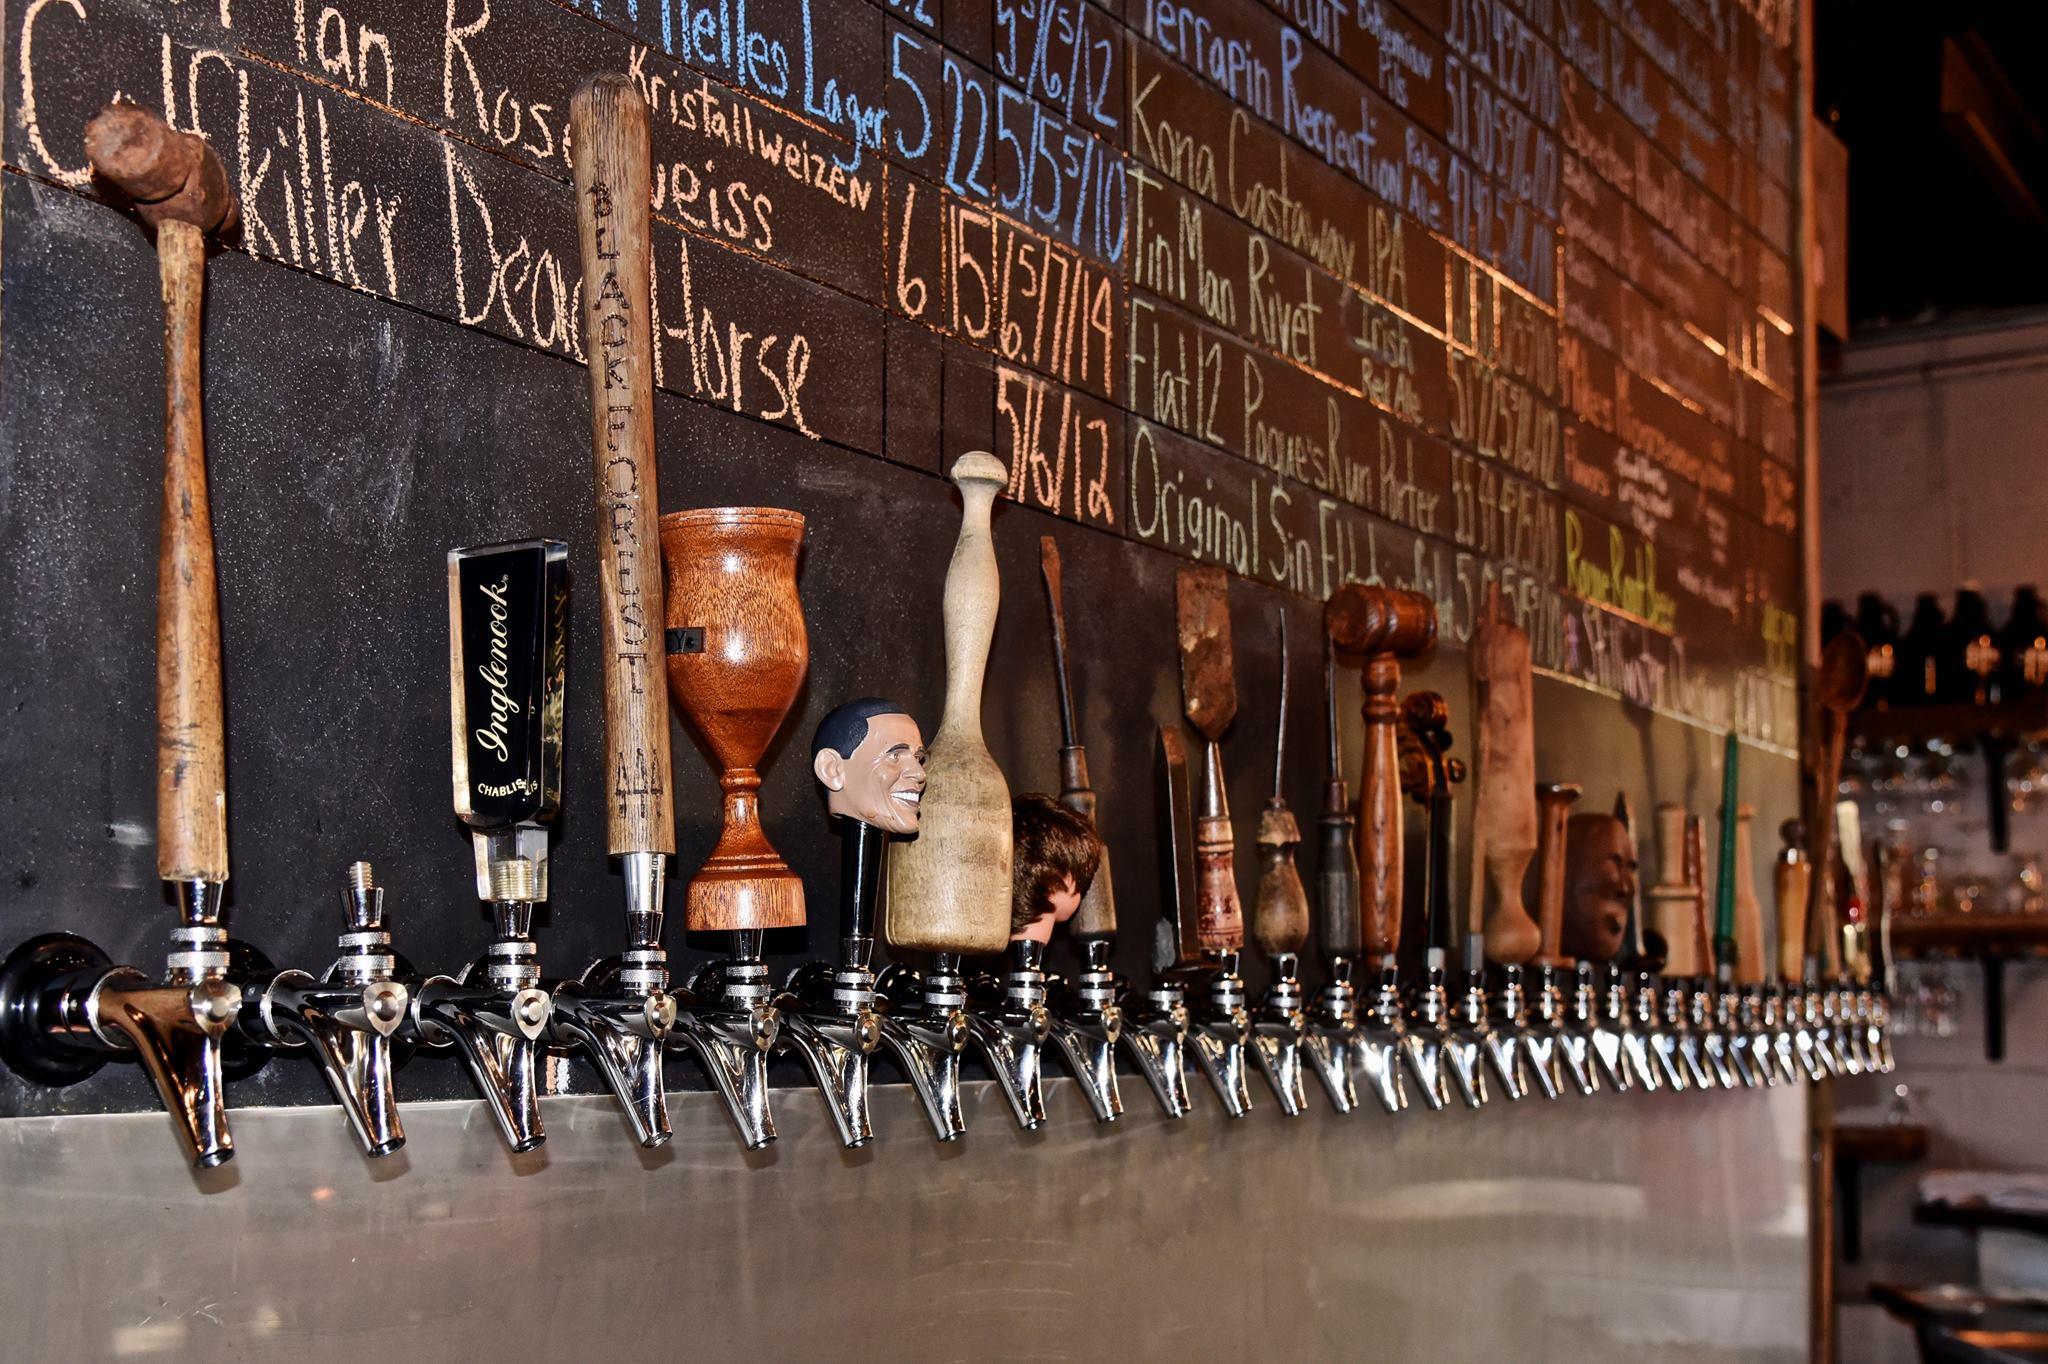 The 5 Best Beer Bars in Nashville, TN